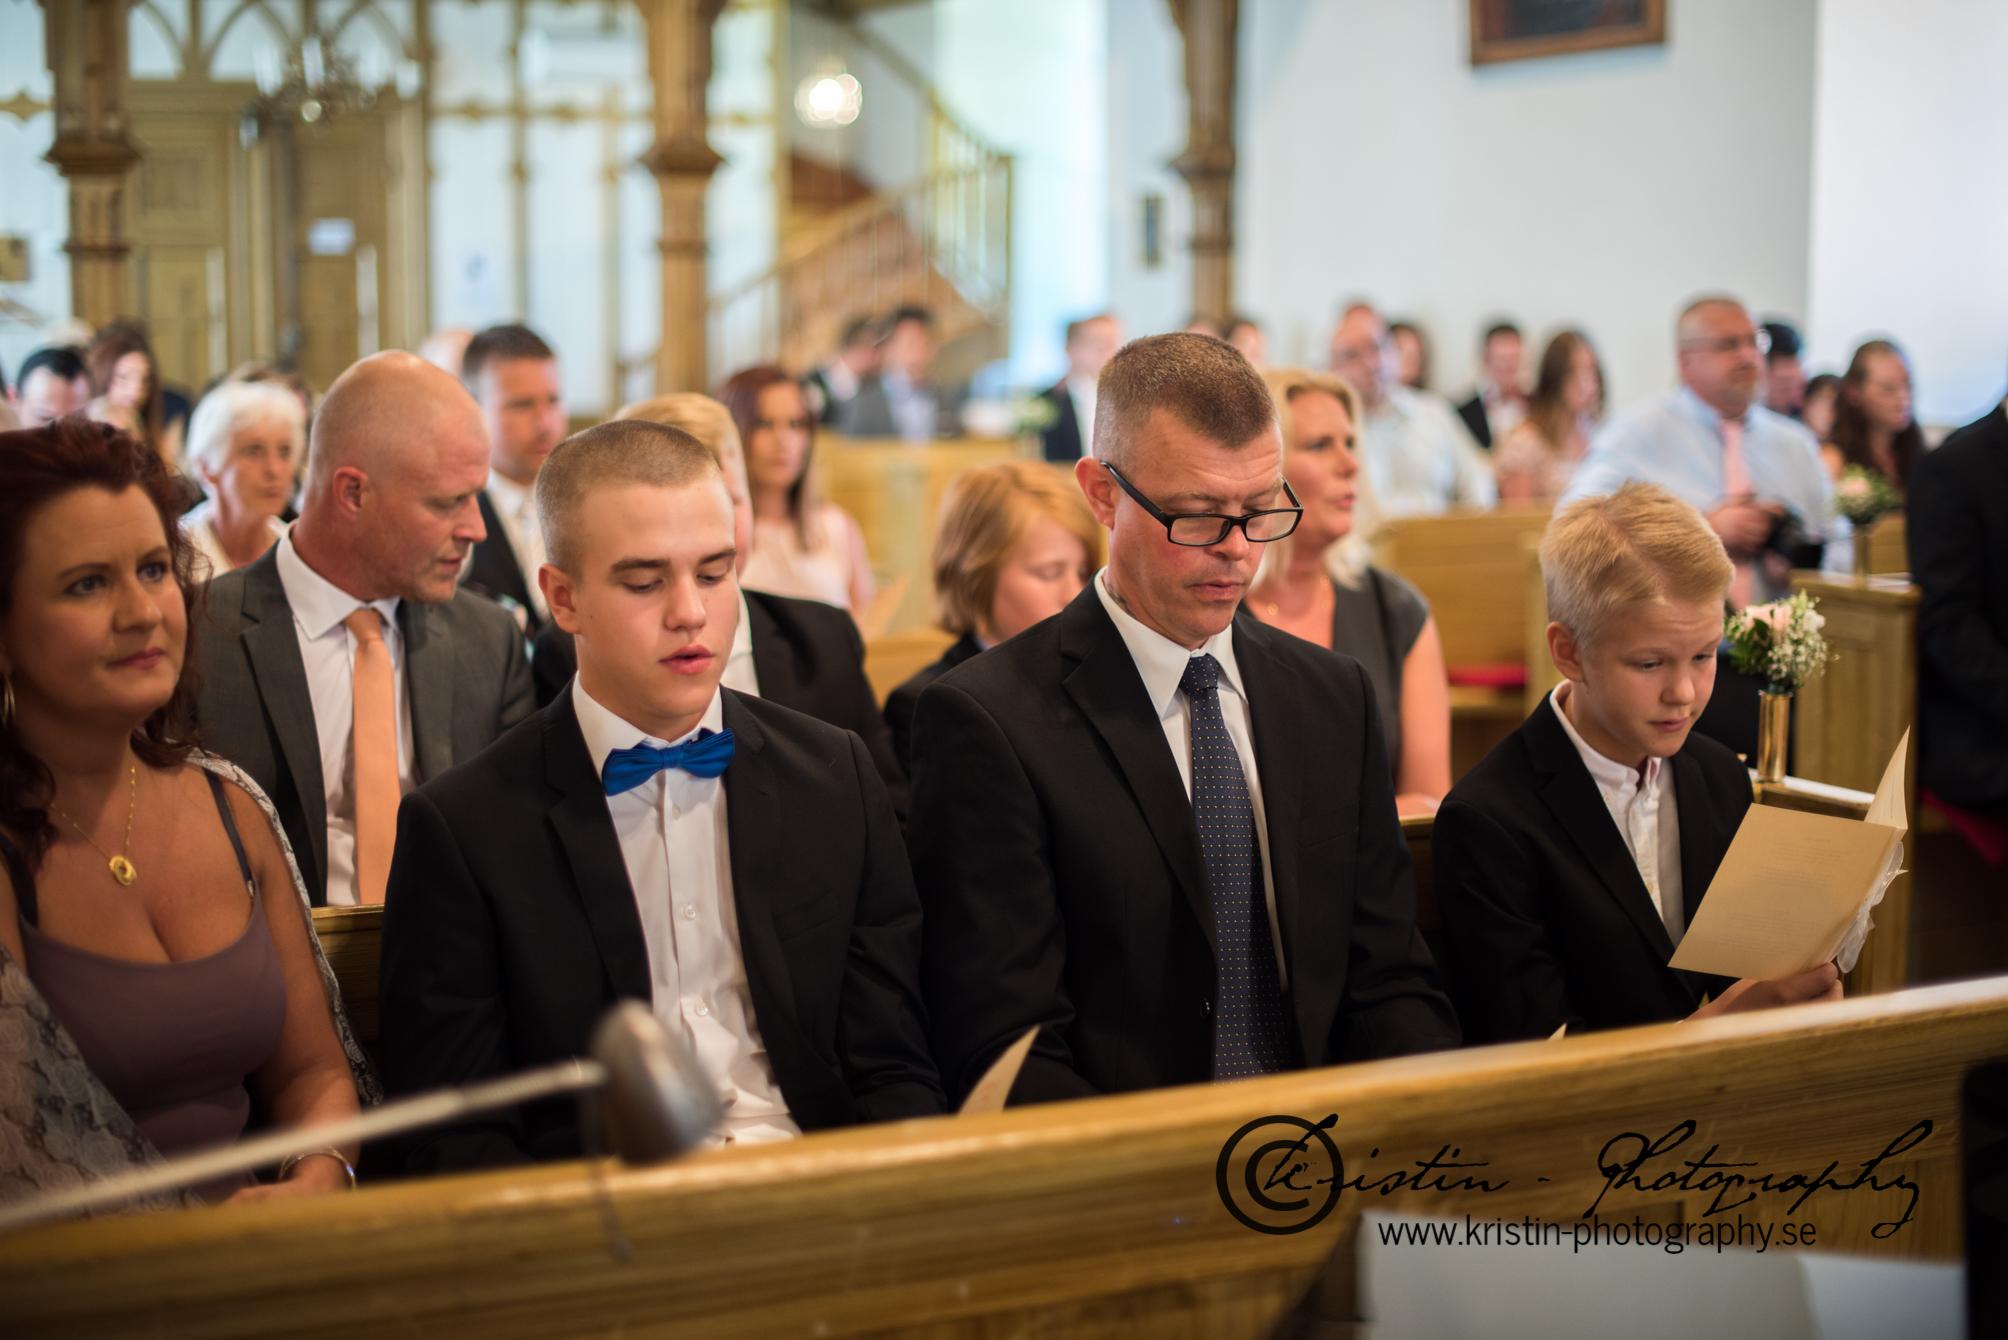 Bröllopsfotograf i Eskilstuna, Kristin - Photography, weddingphotographer -142.jpg